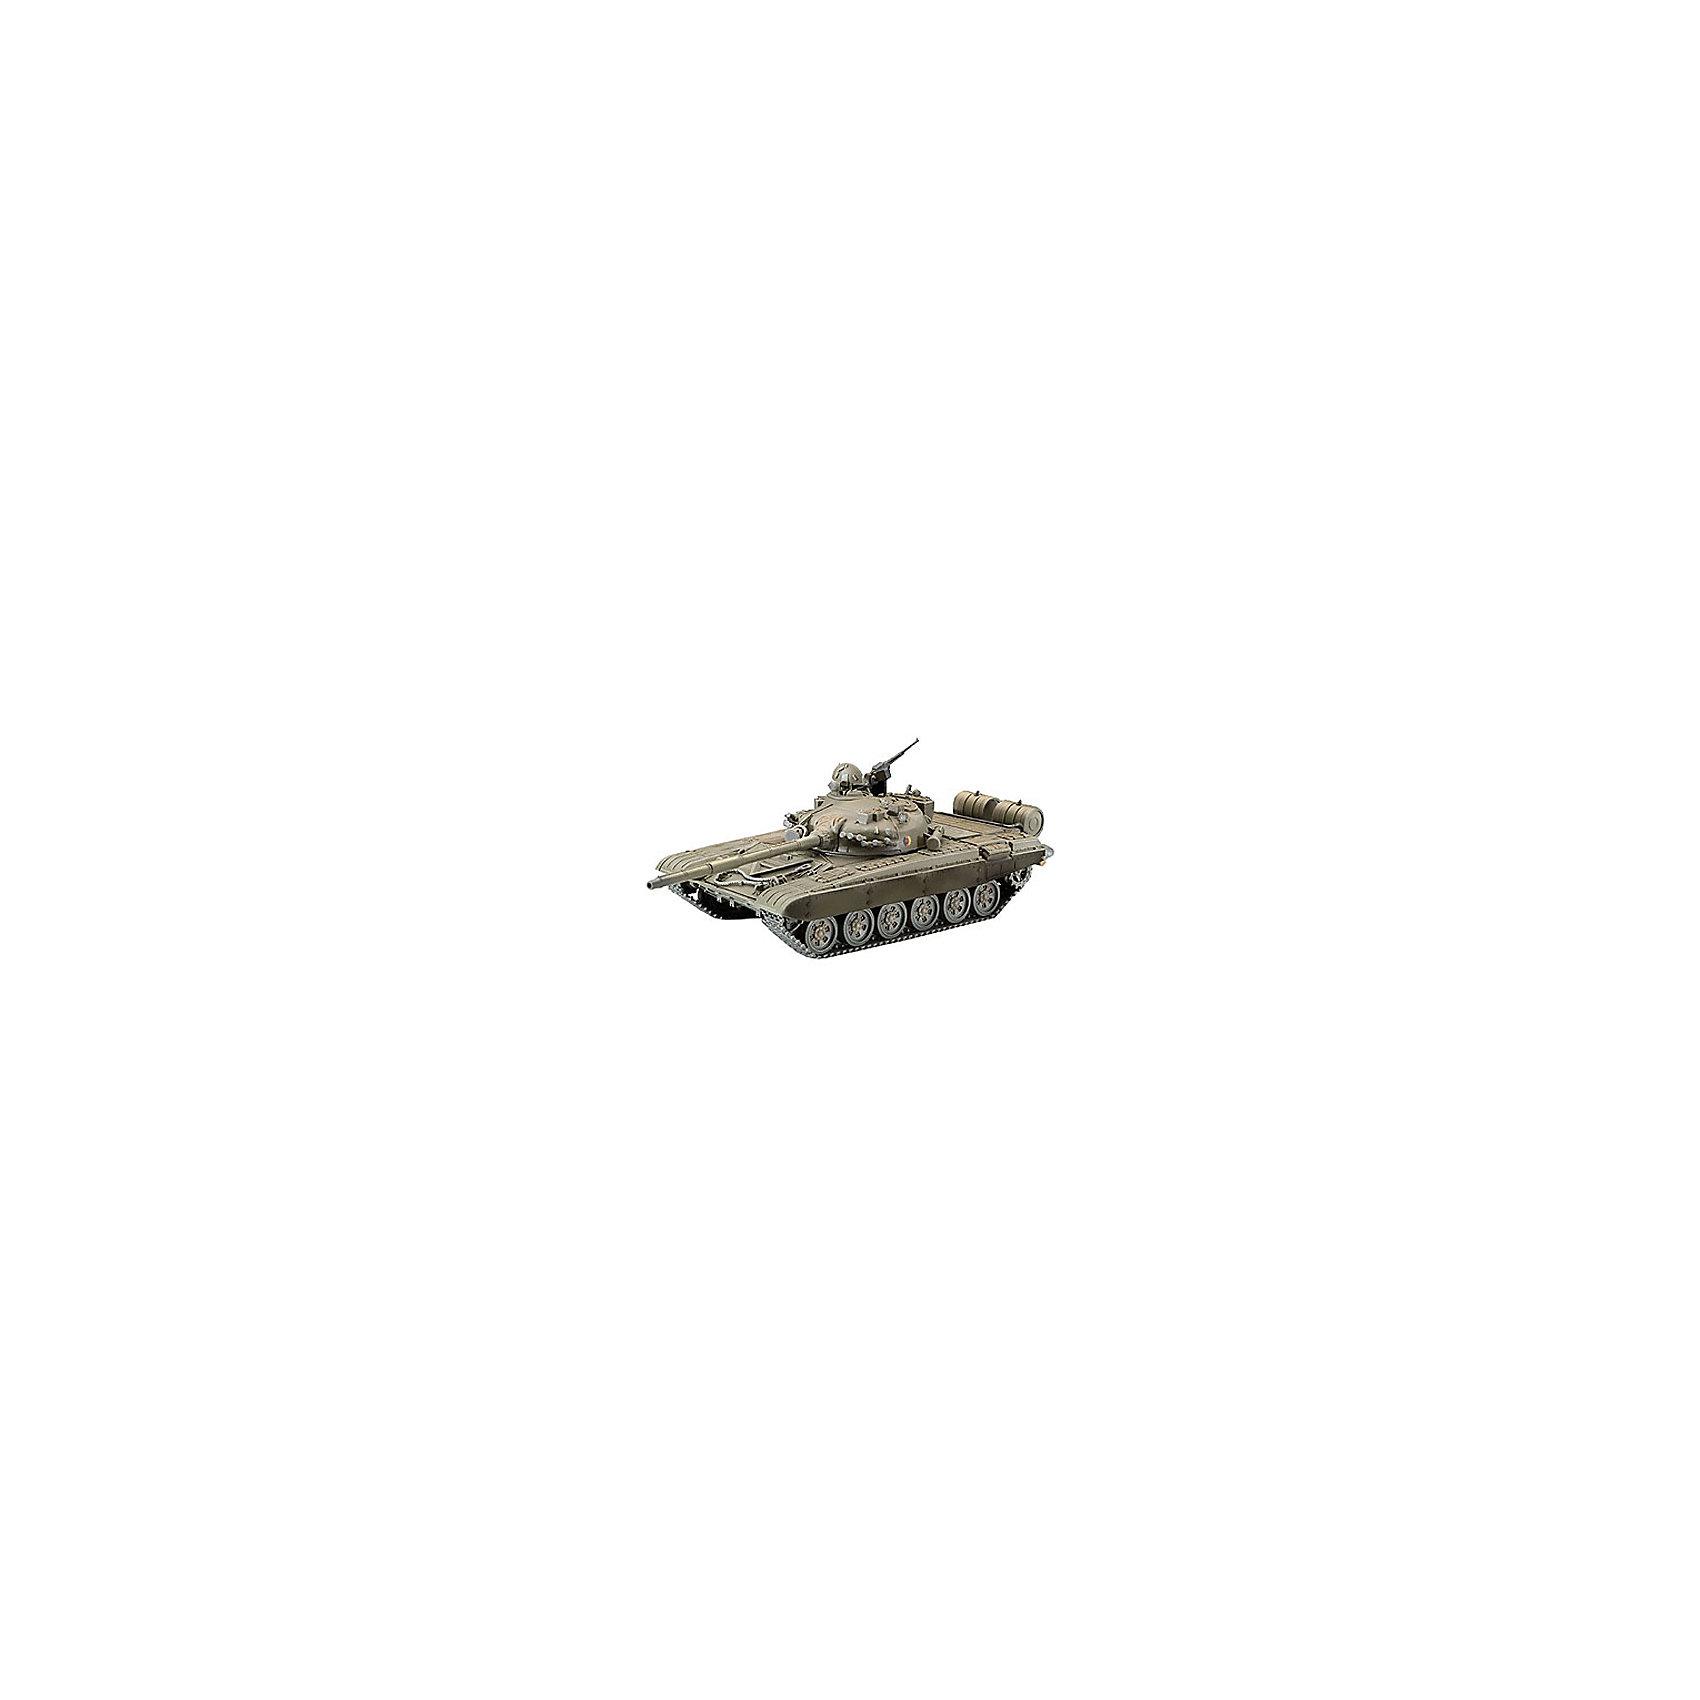 Советский танк T-72M (1/72)Модели для склеивания<br>Характеристики товара:<br><br>• возраст: от 10 лет;<br>• масштаб: 1:72;<br>• количество деталей: 161 шт;<br>• материал: пластик; <br>• клей и краски в комплект не входят;<br>• длина модели: 14 см;<br>• бренд, страна бренда: Revell (Ревел), Германия;<br>• страна-изготовитель: Польша.<br><br>Сборная модель «Советский танк T-72M» поможет вам и вашему ребенку из деталей в наборе вы воспроизвести точную копию самого массового танка второго поколения. Всего было выпущено около 30 тысяч экземпляров. <br><br>В комплект набора для склеивания и раскрашивания входит 161 пластиковая деталь, а также подробная иллюстрированая инструкция. Обращаем ваше внимание на тот факт, что для сборки этой модели клей и краски в комплект не входят. <br><br>Моделирование — это очень увлекательное и полезное занятие, которое по достоинству оценят не только дети, но и взрослые, увлекающиеся военной техникой. Сборка моделей поможет ребенку развить воображение, мелкую моторику ручек и логическое мышление.<br><br>Сборную модель «Советский танк T-72M», 161 дет., Revell (Ревел) можно купить в нашем интернет-магазине.<br><br>Ширина мм: 9999<br>Глубина мм: 9999<br>Высота мм: 9999<br>Вес г: 9999<br>Возраст от месяцев: 168<br>Возраст до месяцев: 2147483647<br>Пол: Унисекс<br>Возраст: Детский<br>SKU: 1772776